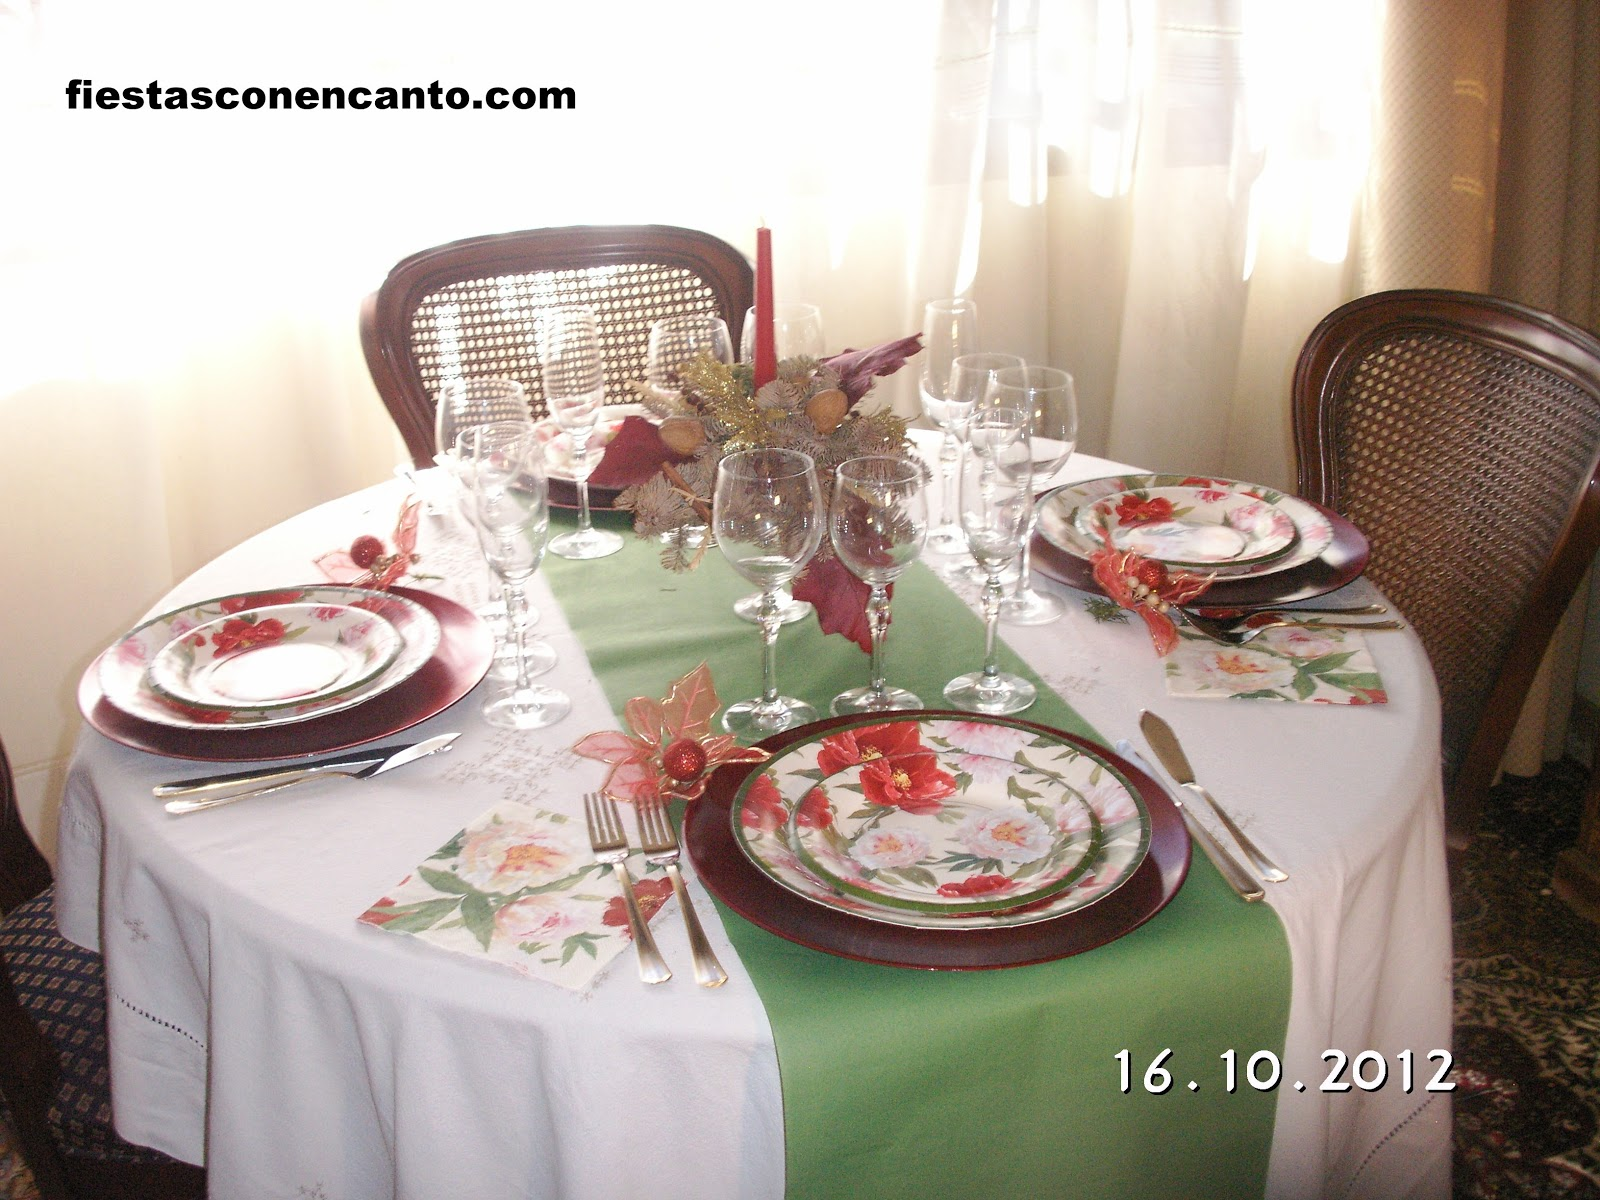 Fiestas con encanto decoraci n mesa navidad rojo y verde - Decoracion navidad mesa ...